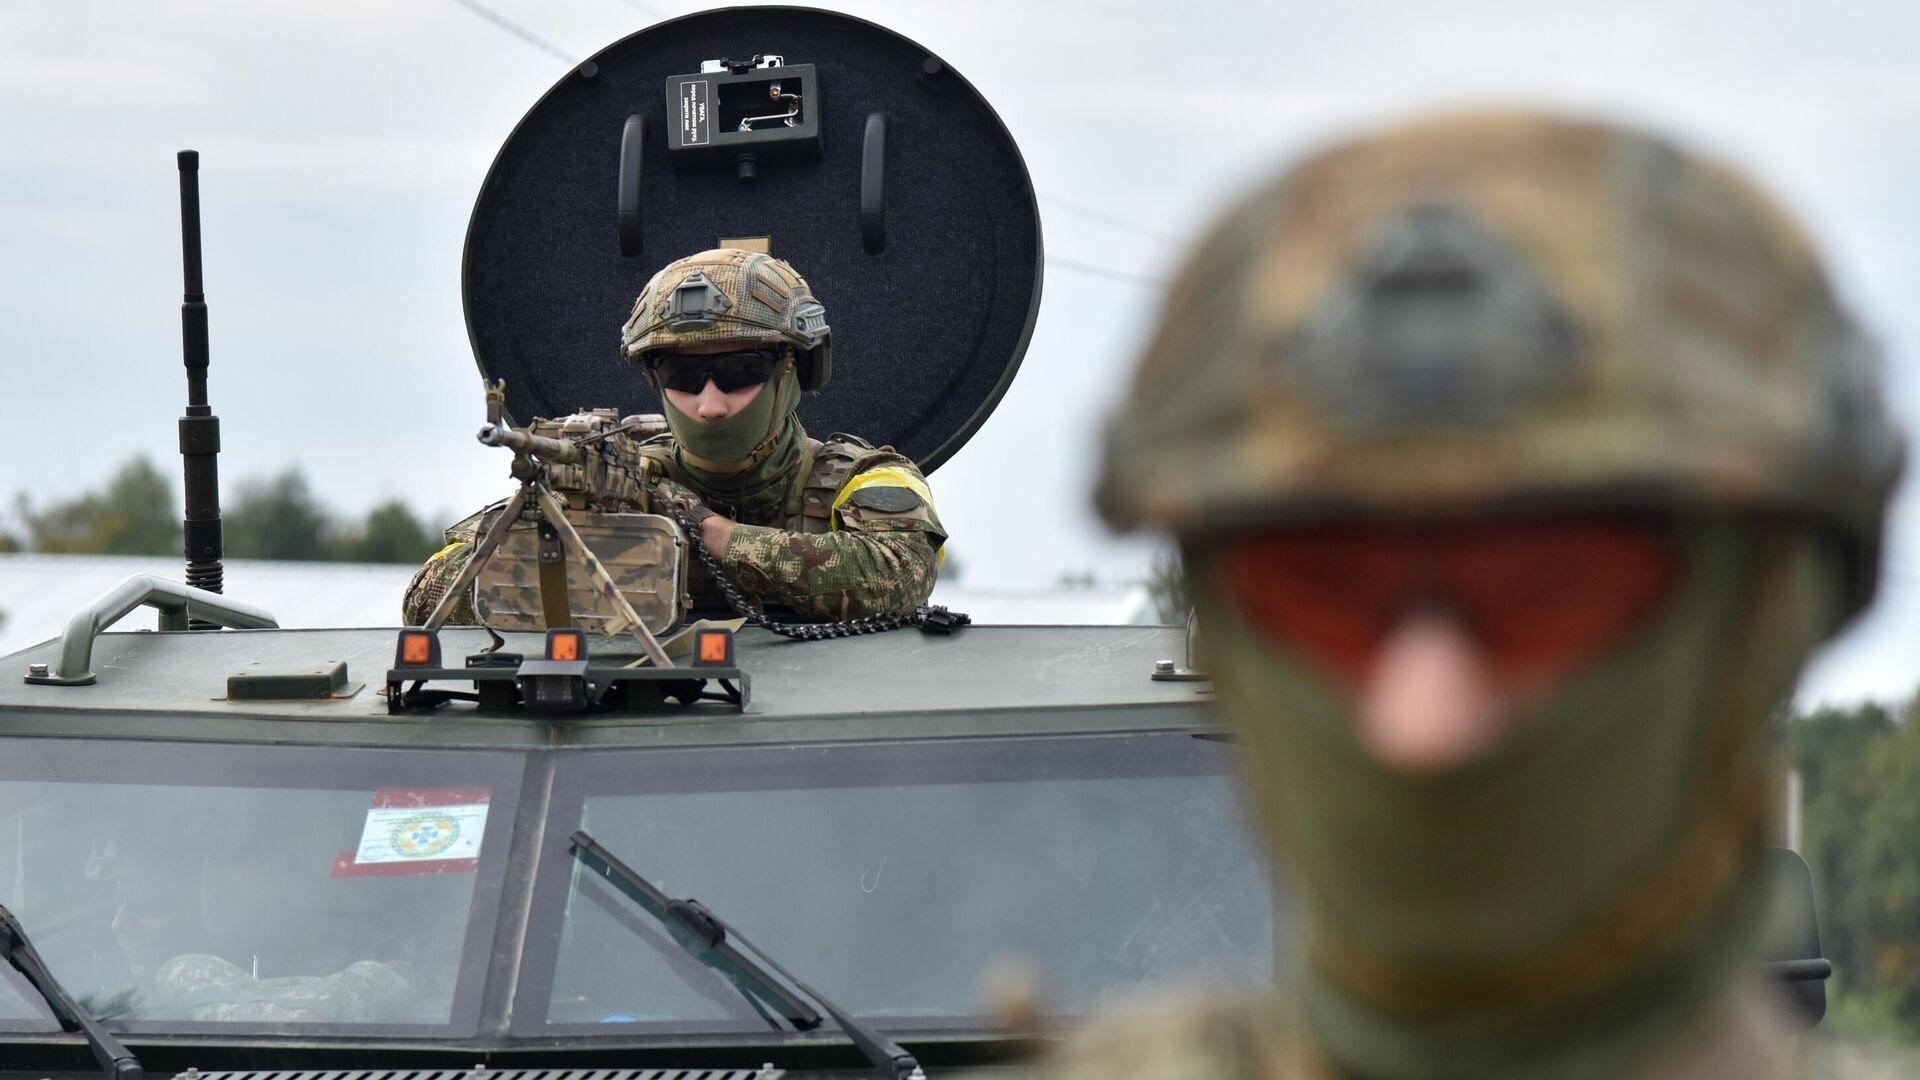 1597724190 0:144:2901:1776 1920x0 80 0 0 dea3cd67e78cb97968b8a66d477d1aa9 - Киевский политолог пожаловался на нежелание НАТО принимать Украину